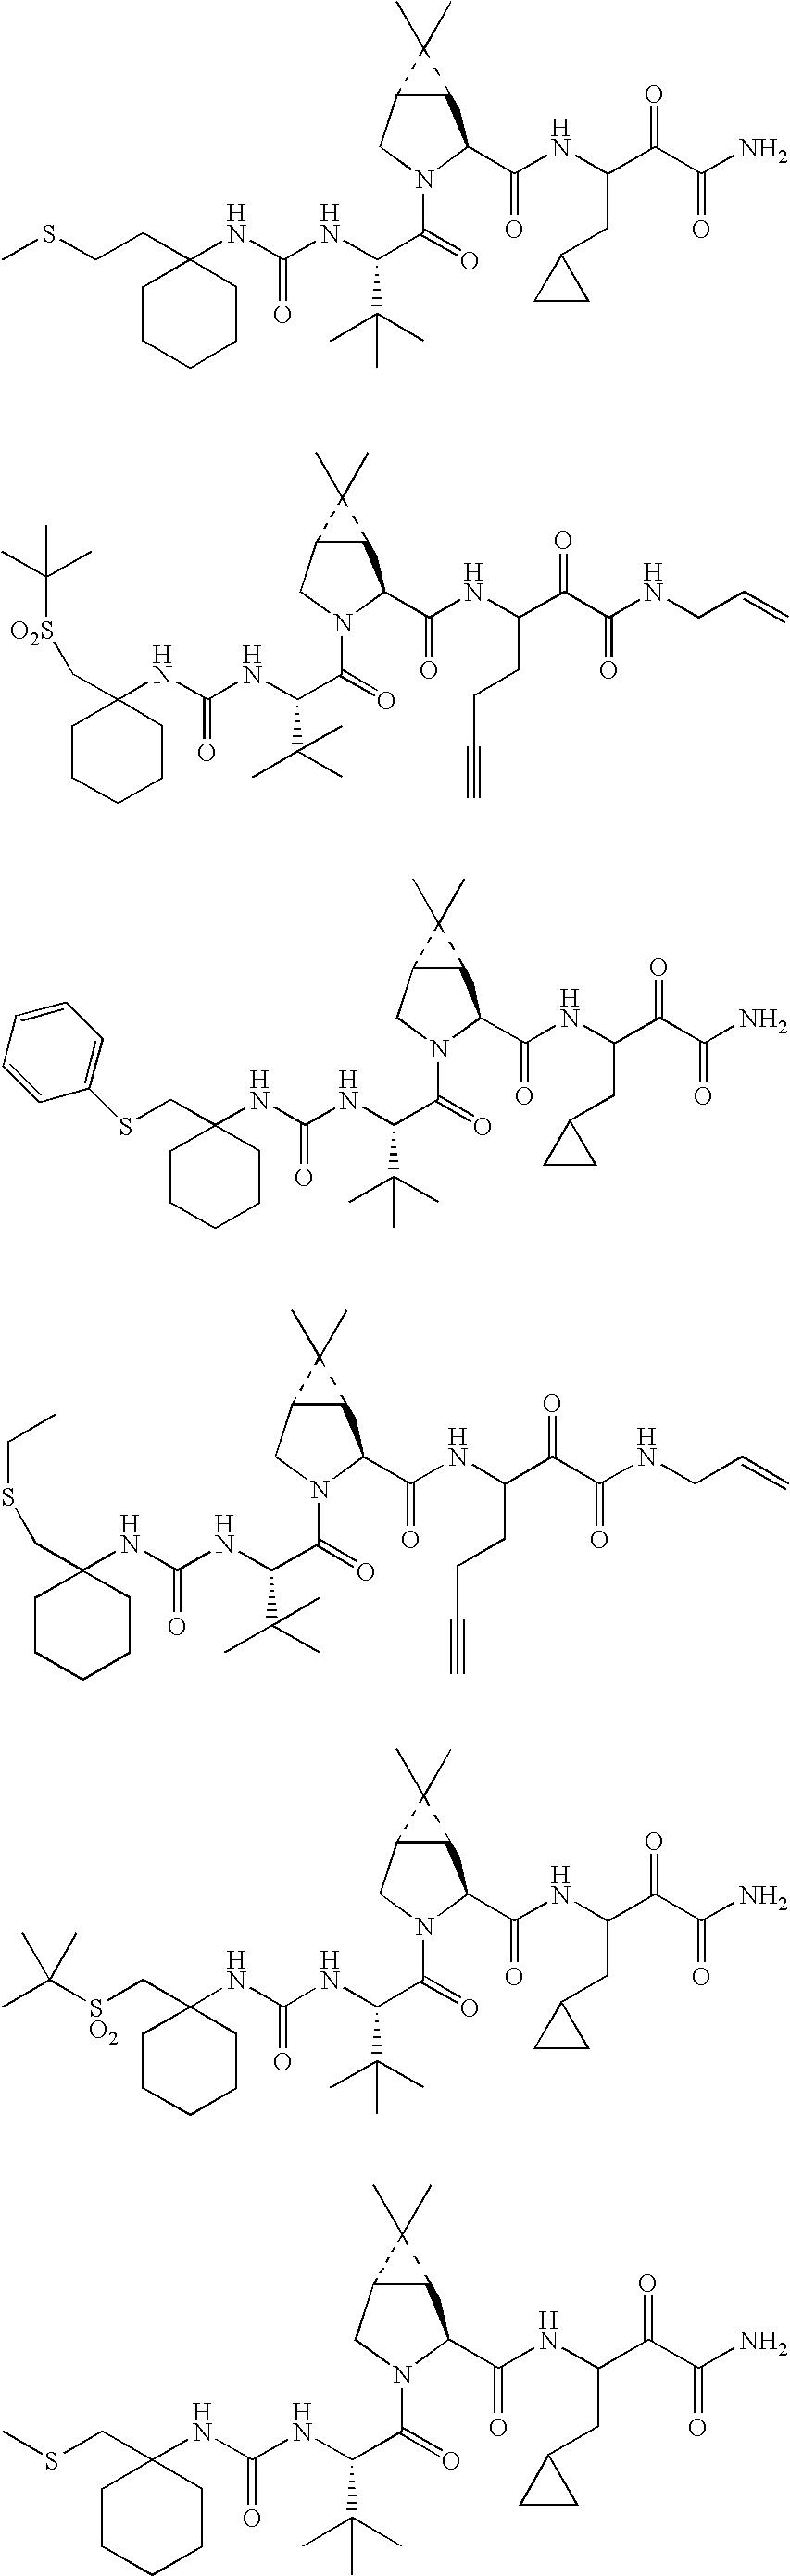 Figure US20060287248A1-20061221-C00439